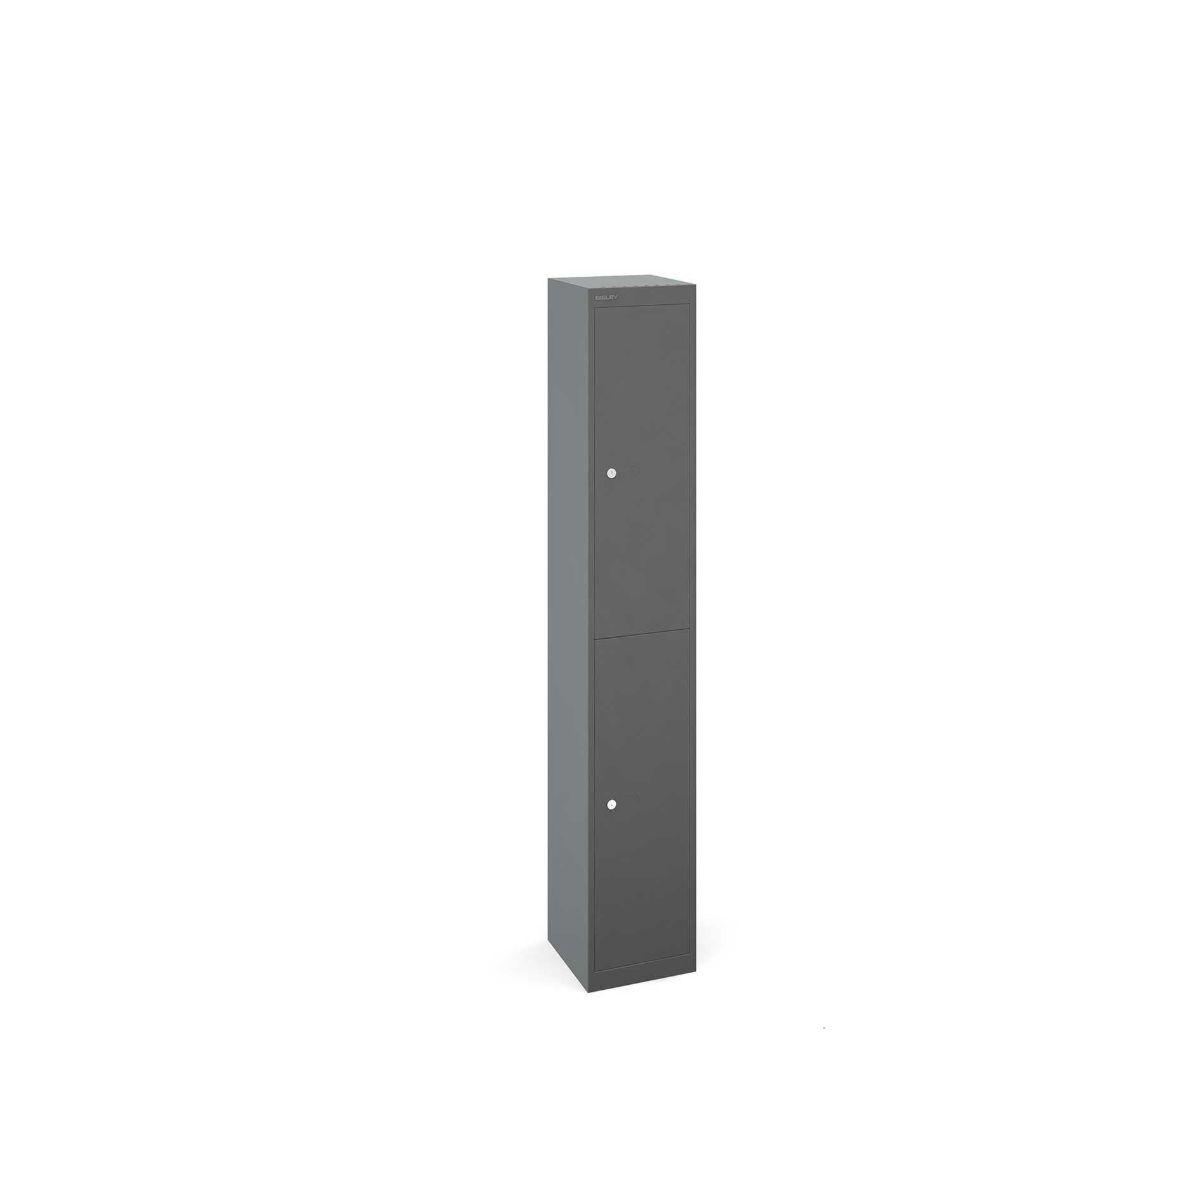 Bisley Universal Steel Locker 2 Door Grey/Grey